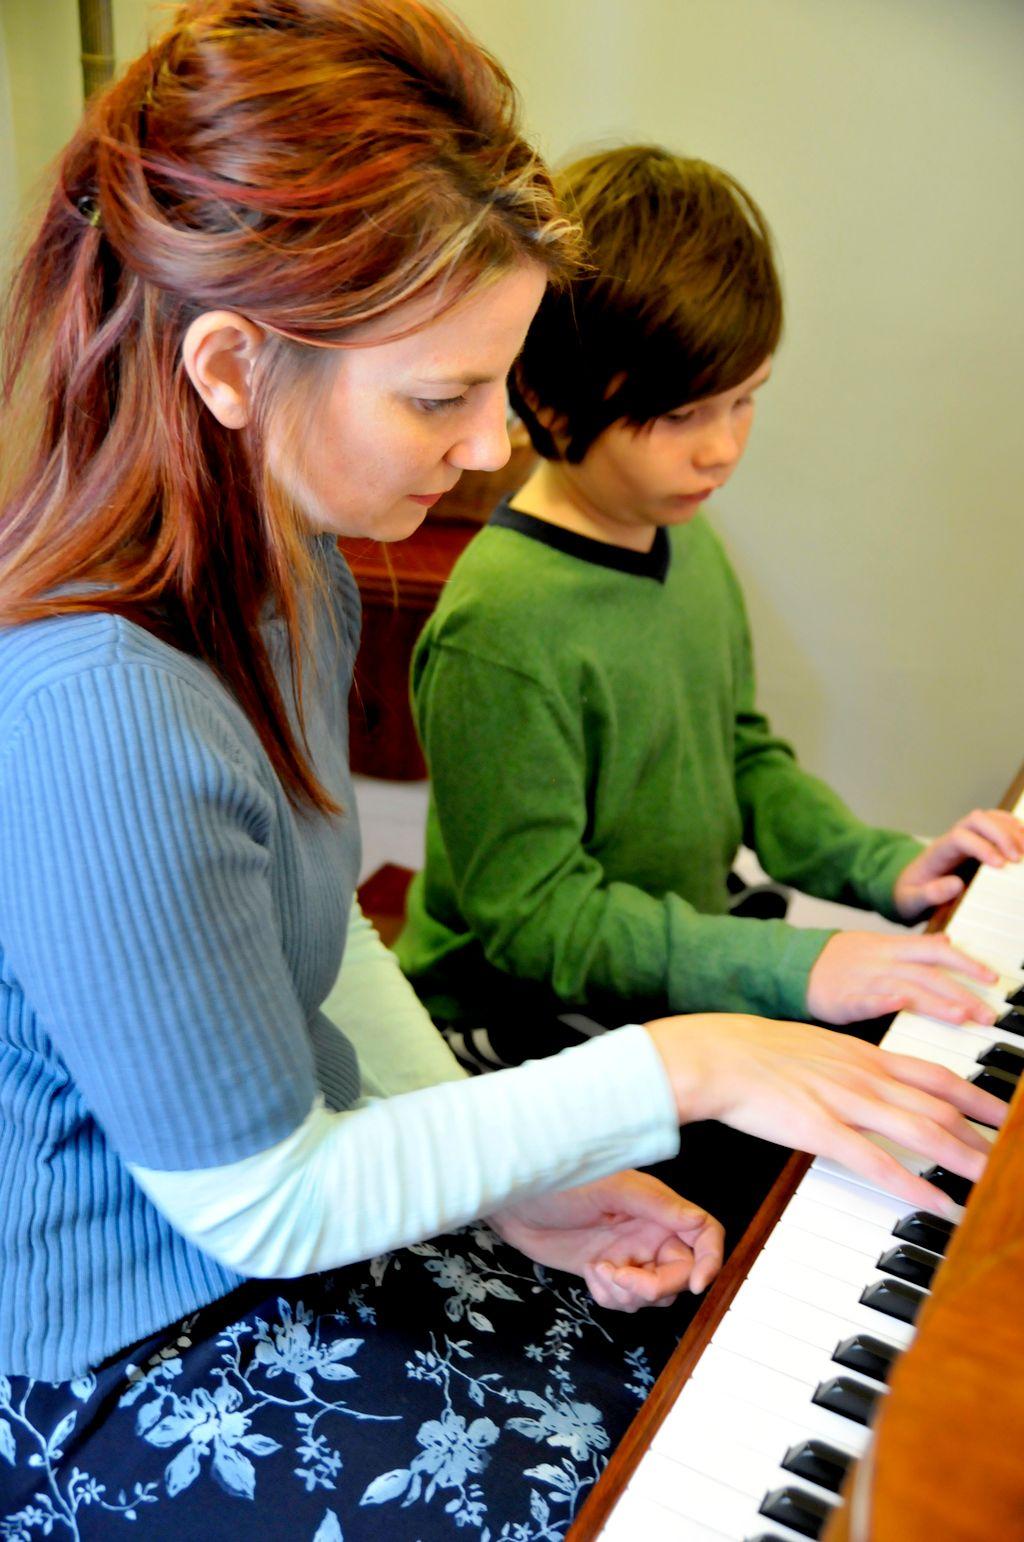 St. Paul Music Lessons, LLC